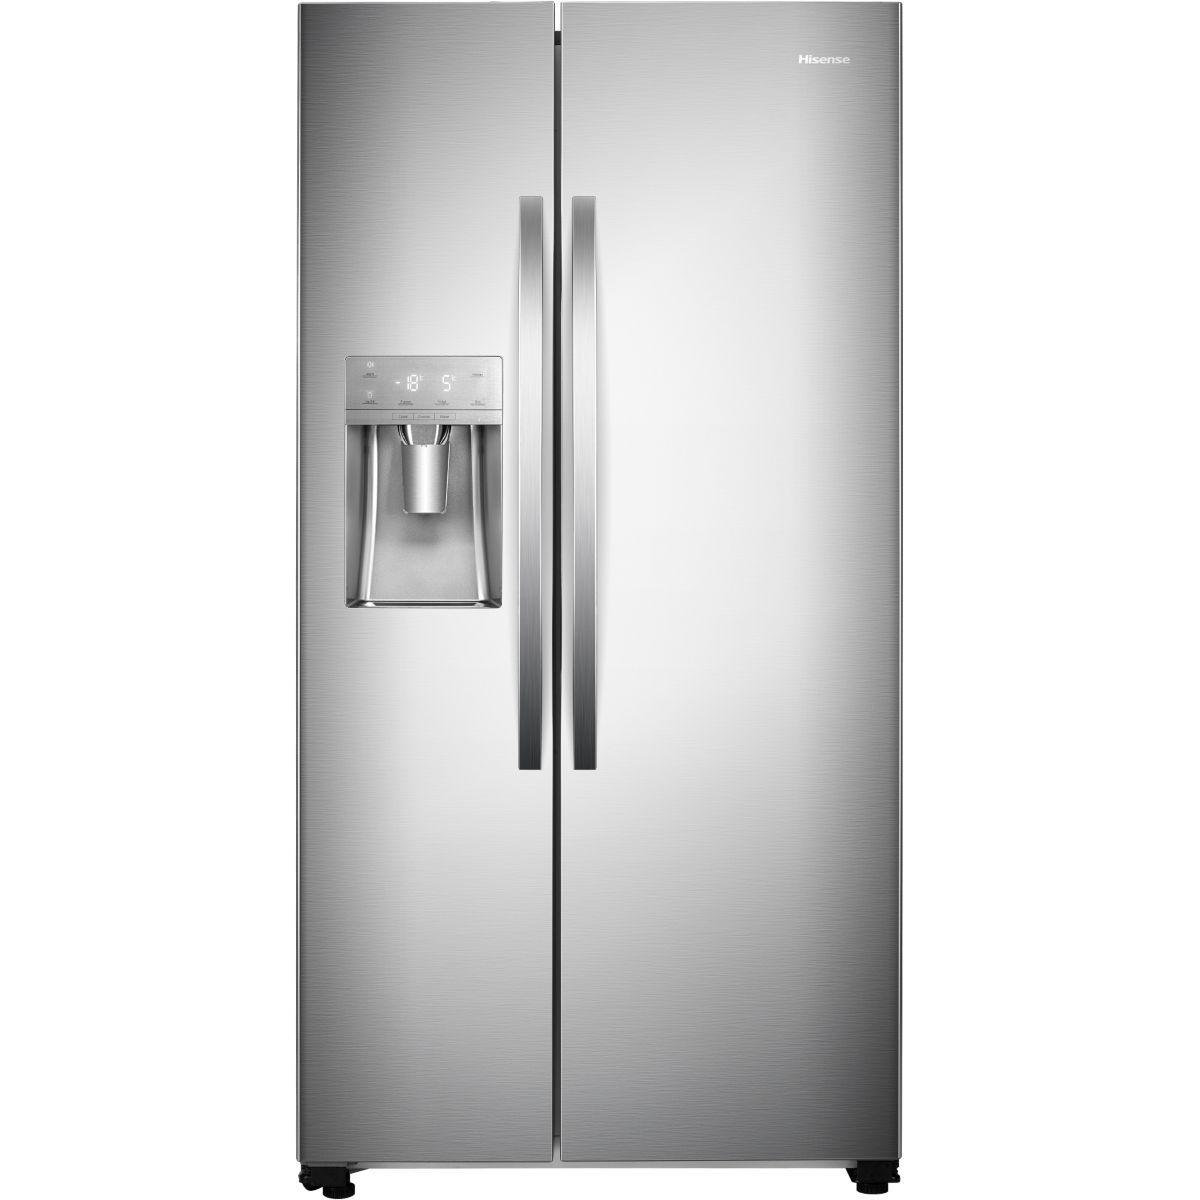 Réfrigérateur Américain HISENSE RS695N4IS1